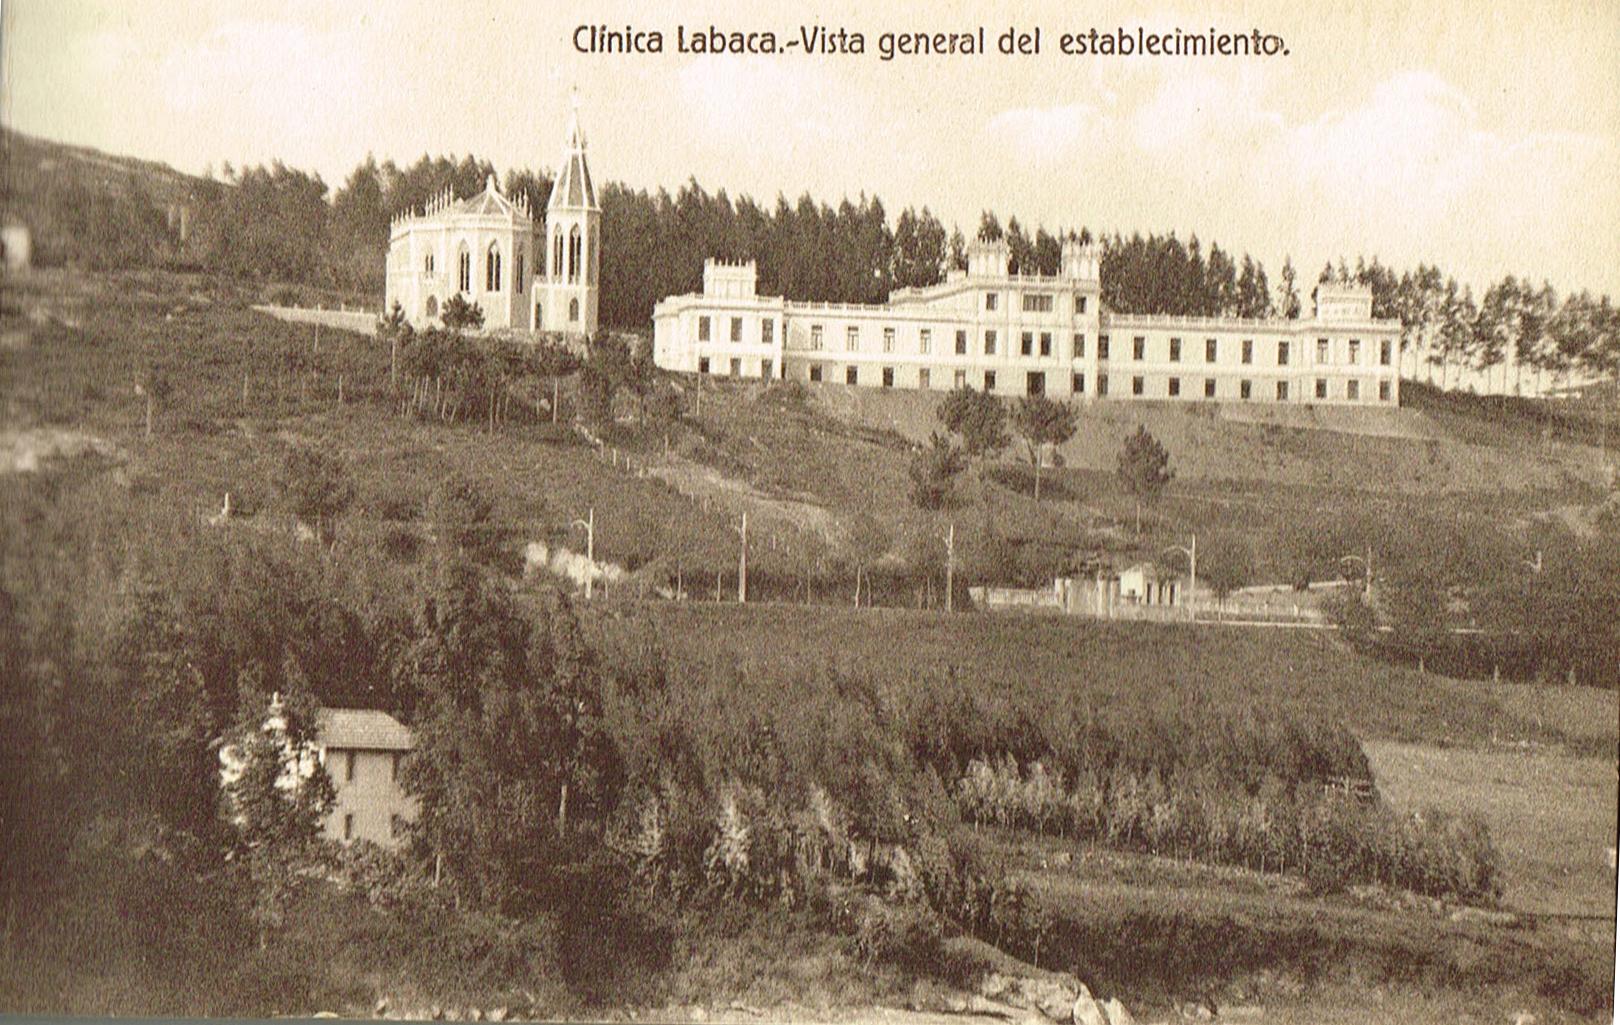 Clínica Labaca, vista general